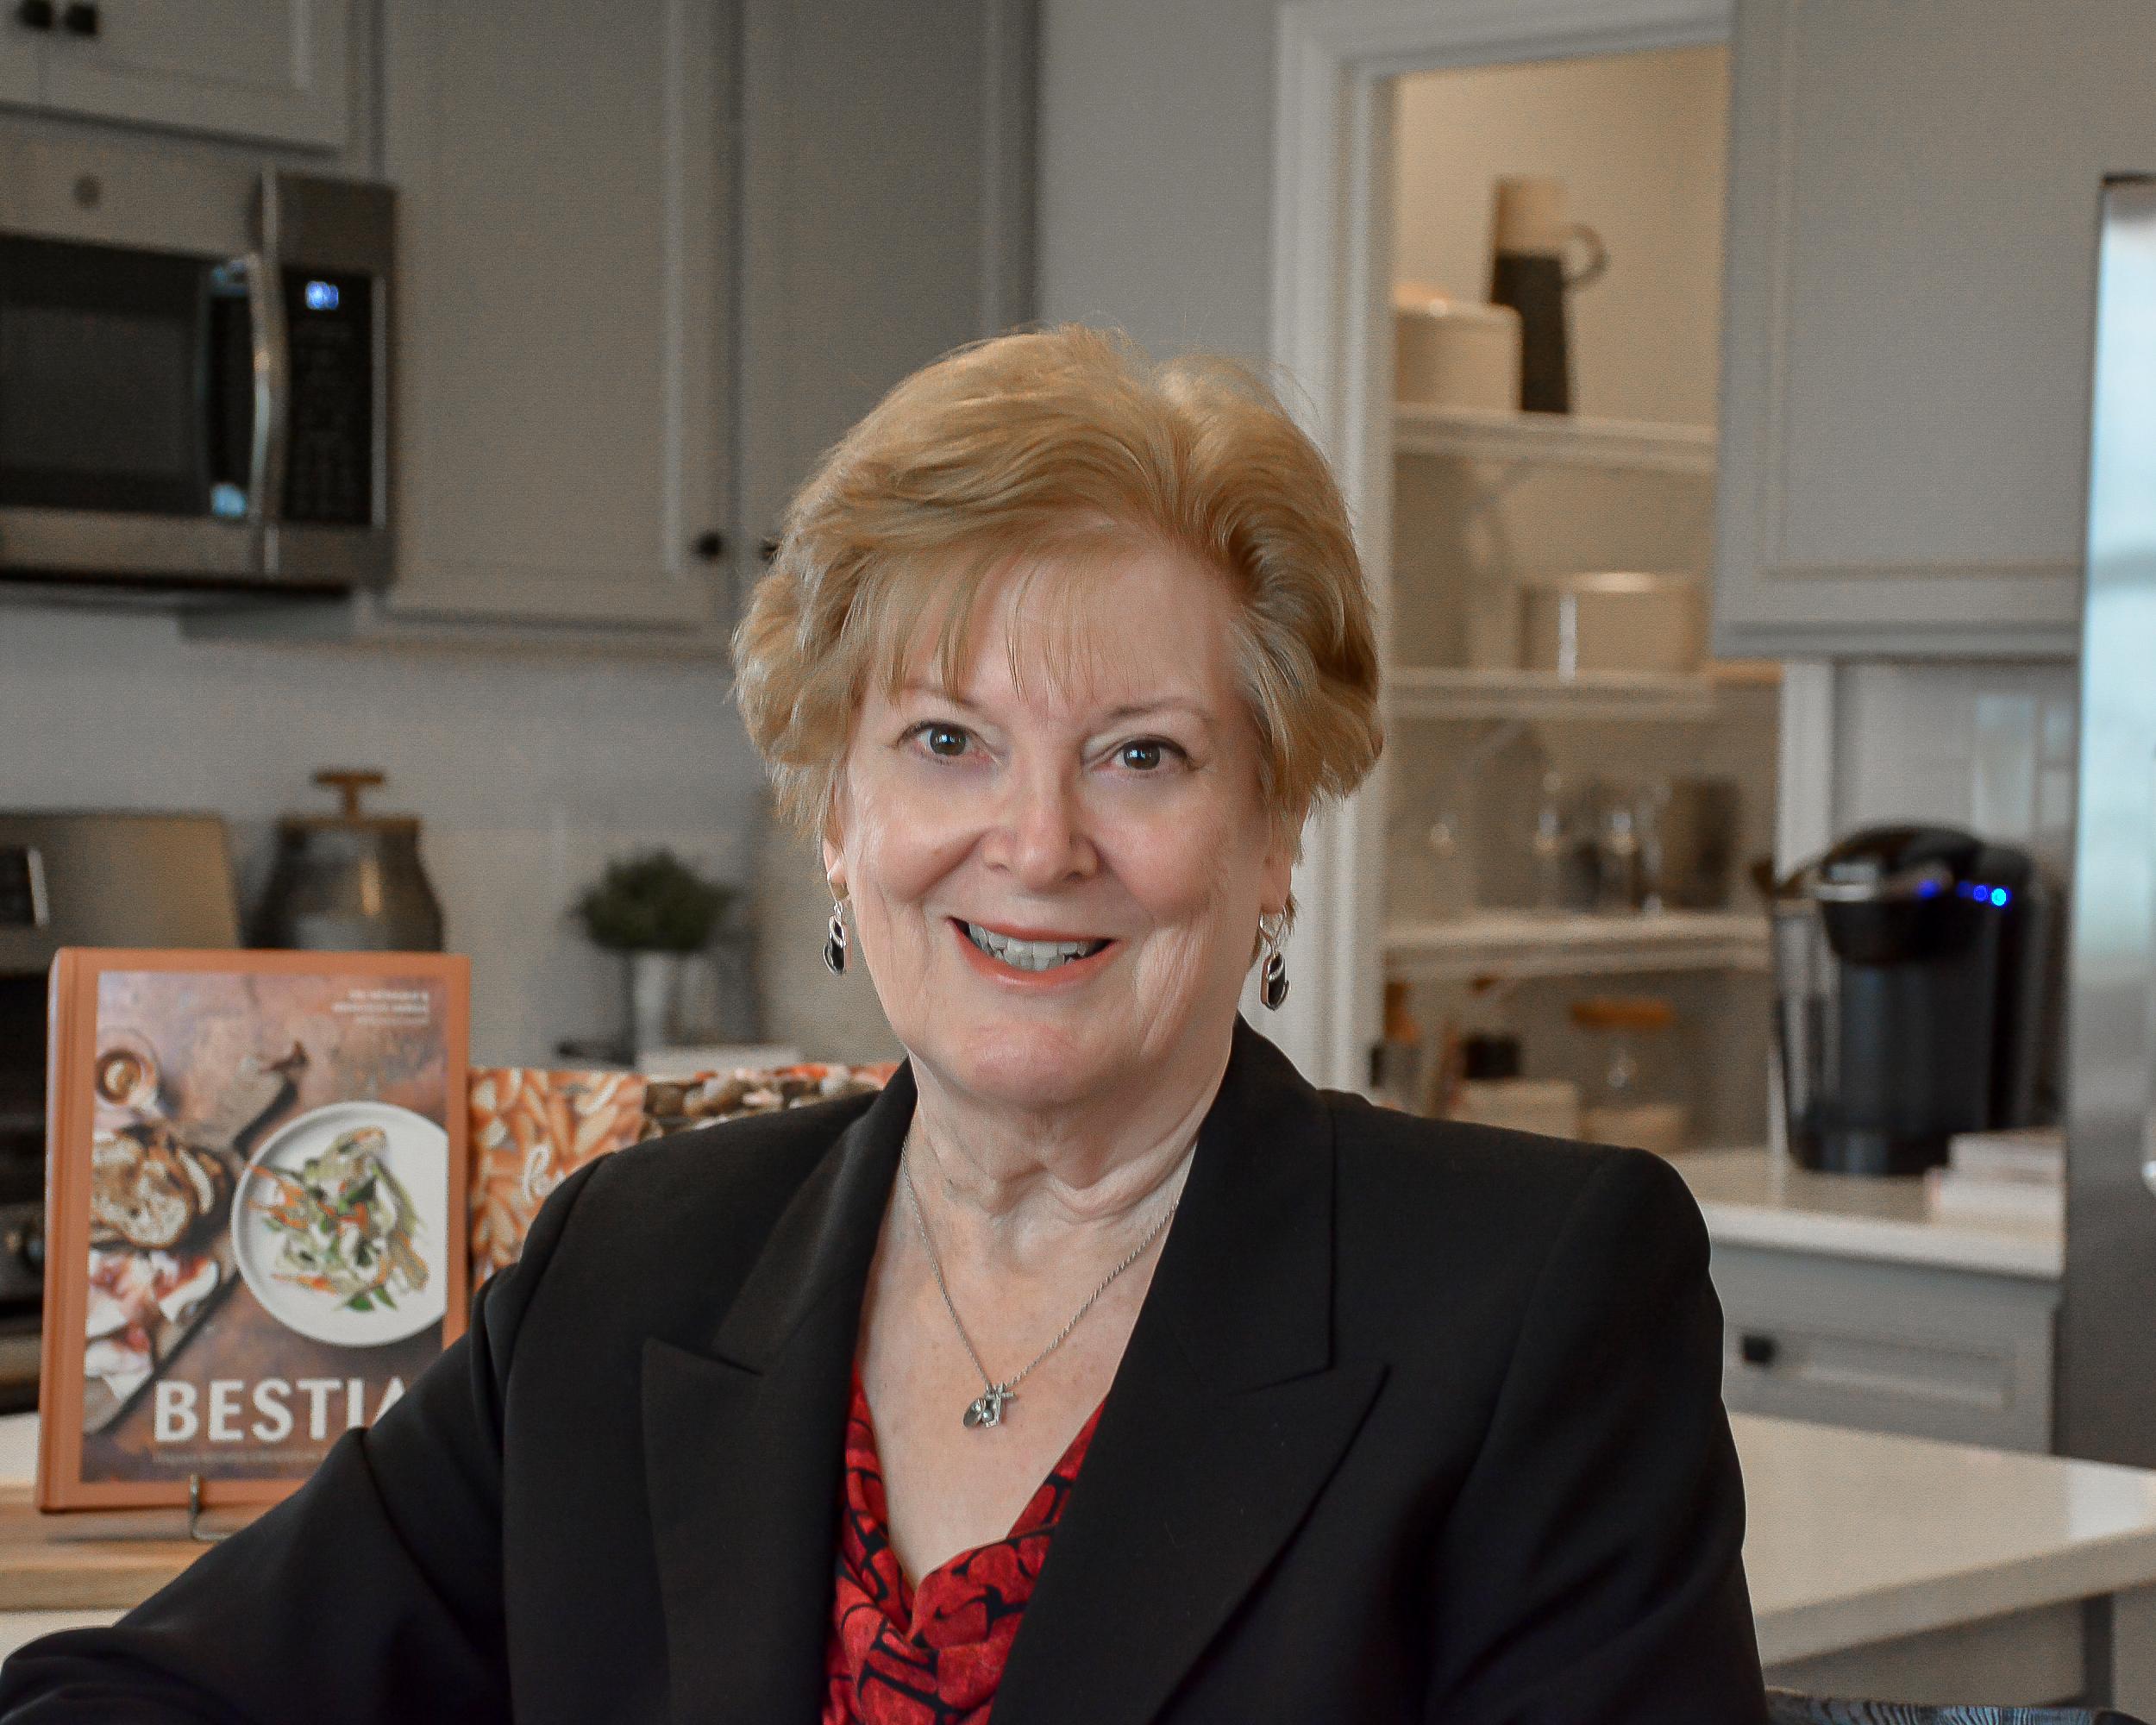 Susan K. Doepping